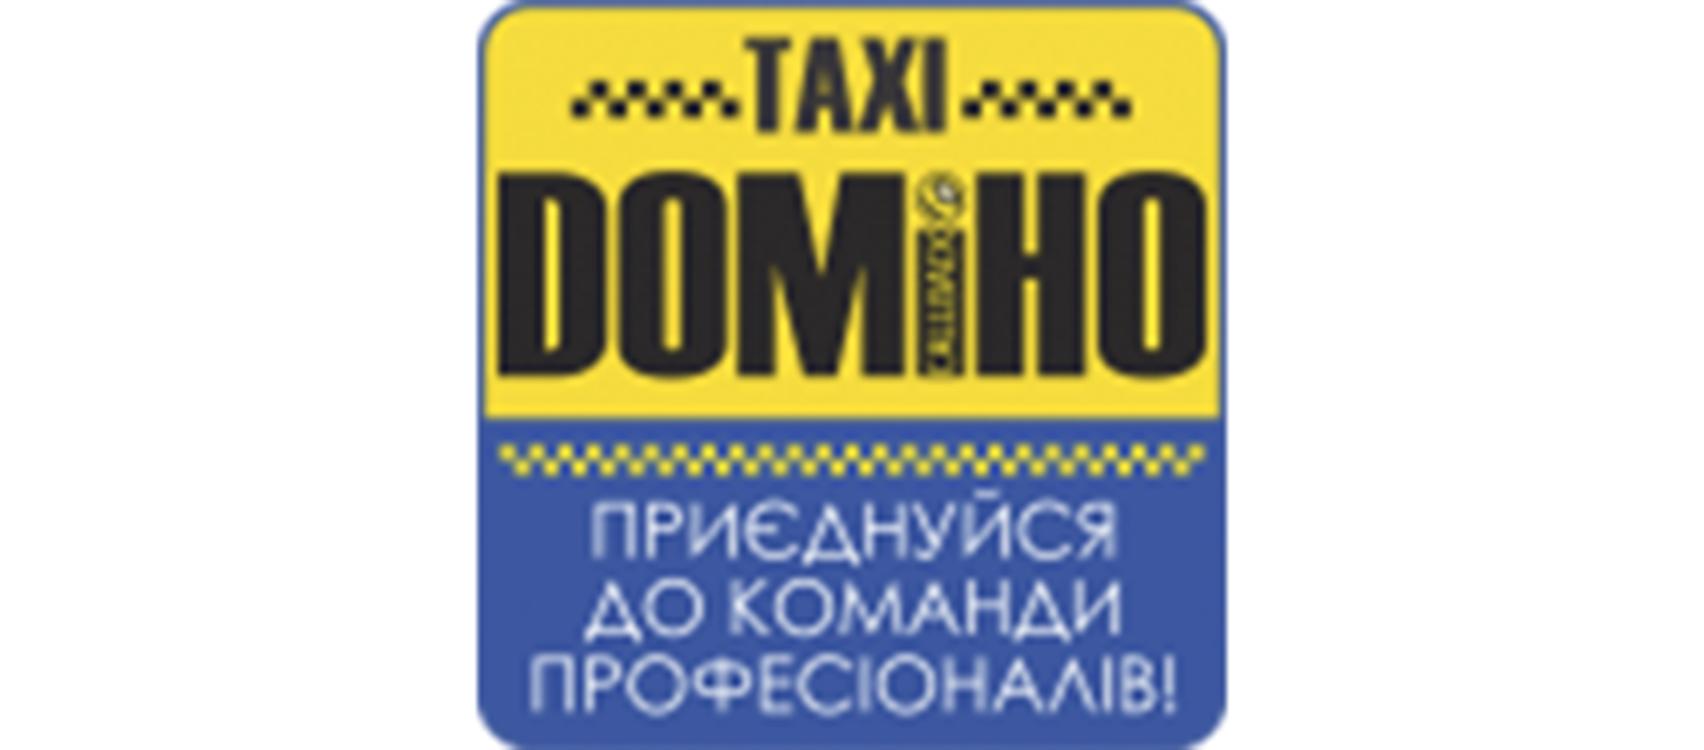 Таксі Доміно  (Київ)